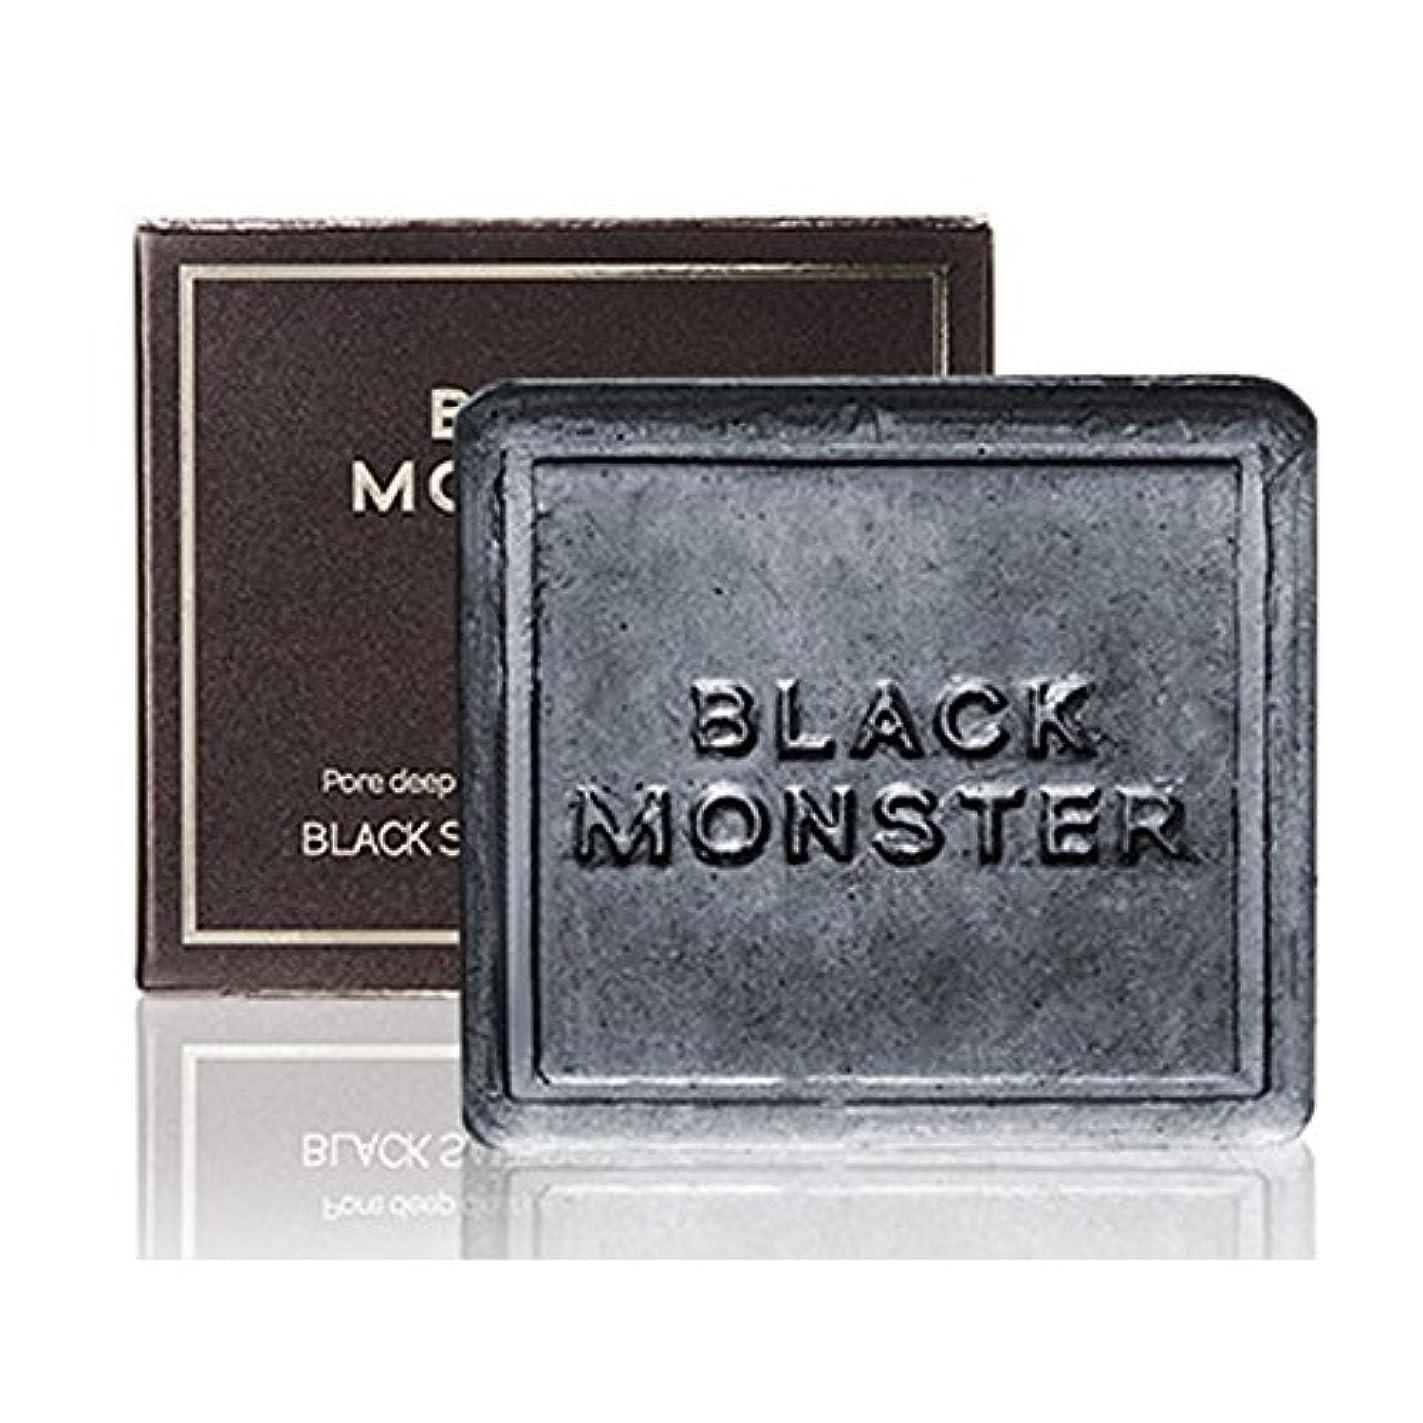 第三破壊的なバイアス[ブレンクTV] blanktv Black Monster ブラックソルトコントロールバー 120g 海外直送品 black salt control bar [並行輸入品]